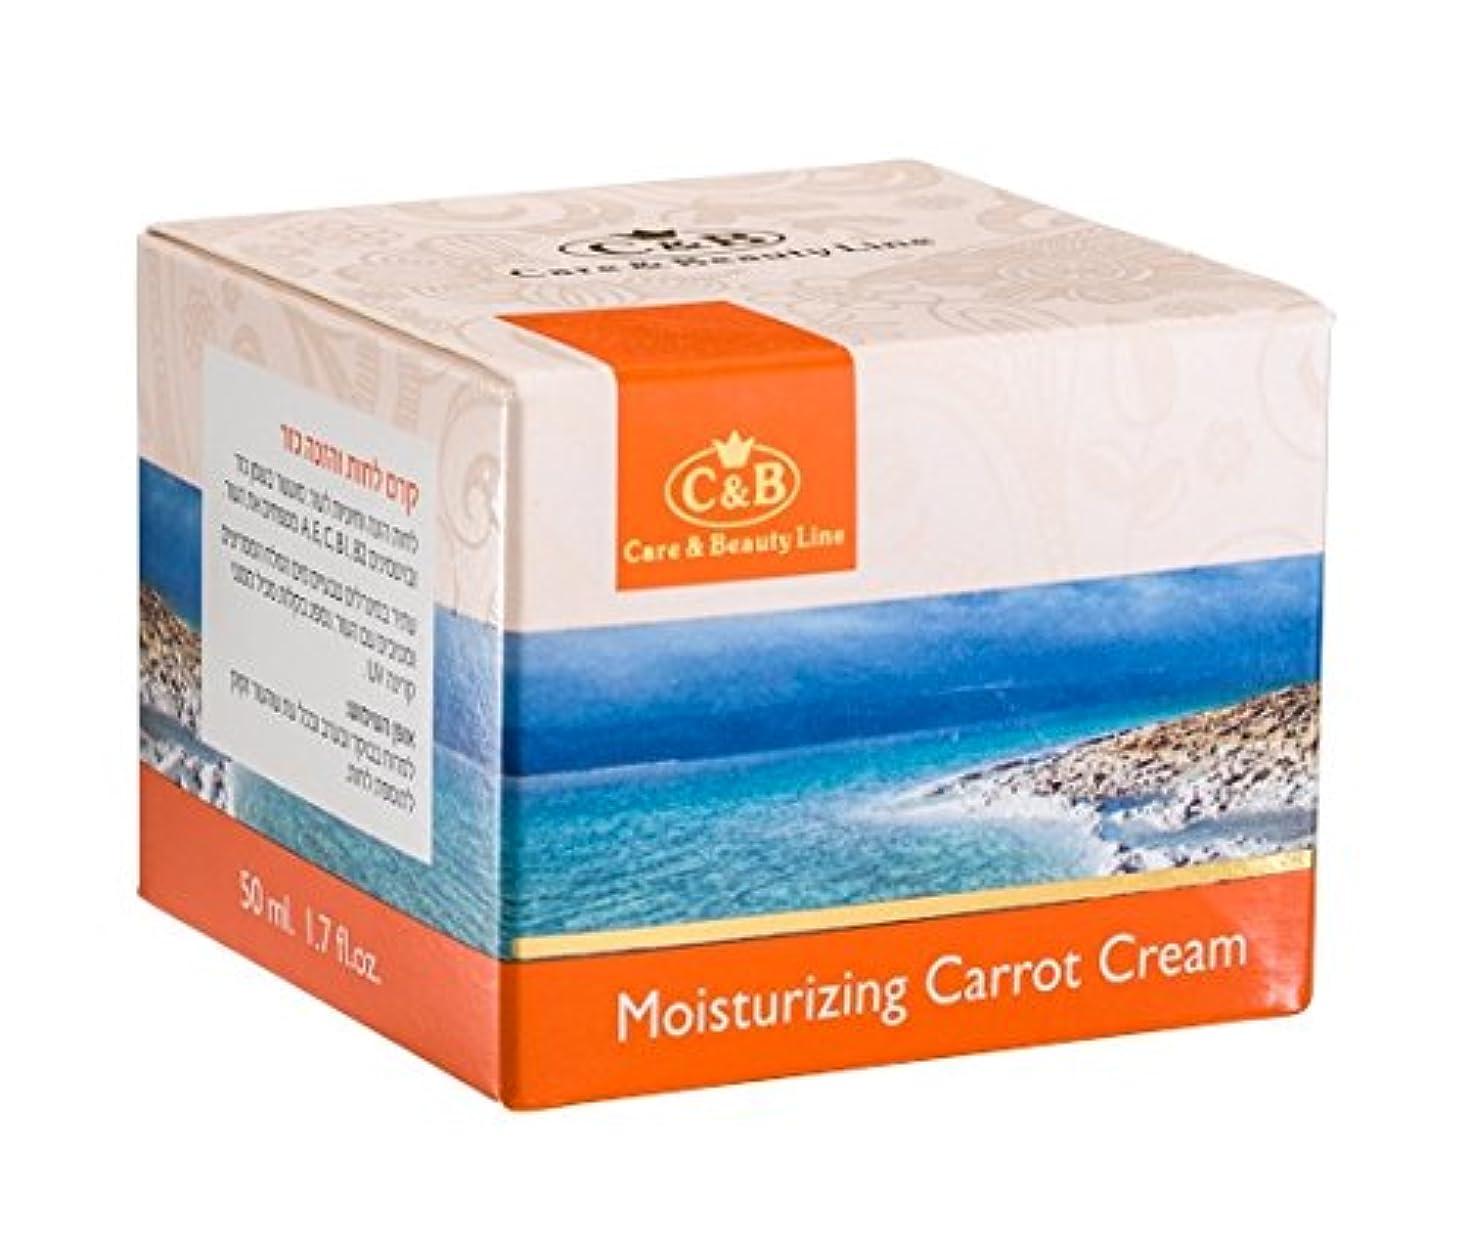 資本薄いです妻人参入り潤いと栄養のクリーム 50mL 死海ミネラル ( Moisturizing & Nourishing Cream with Carrot